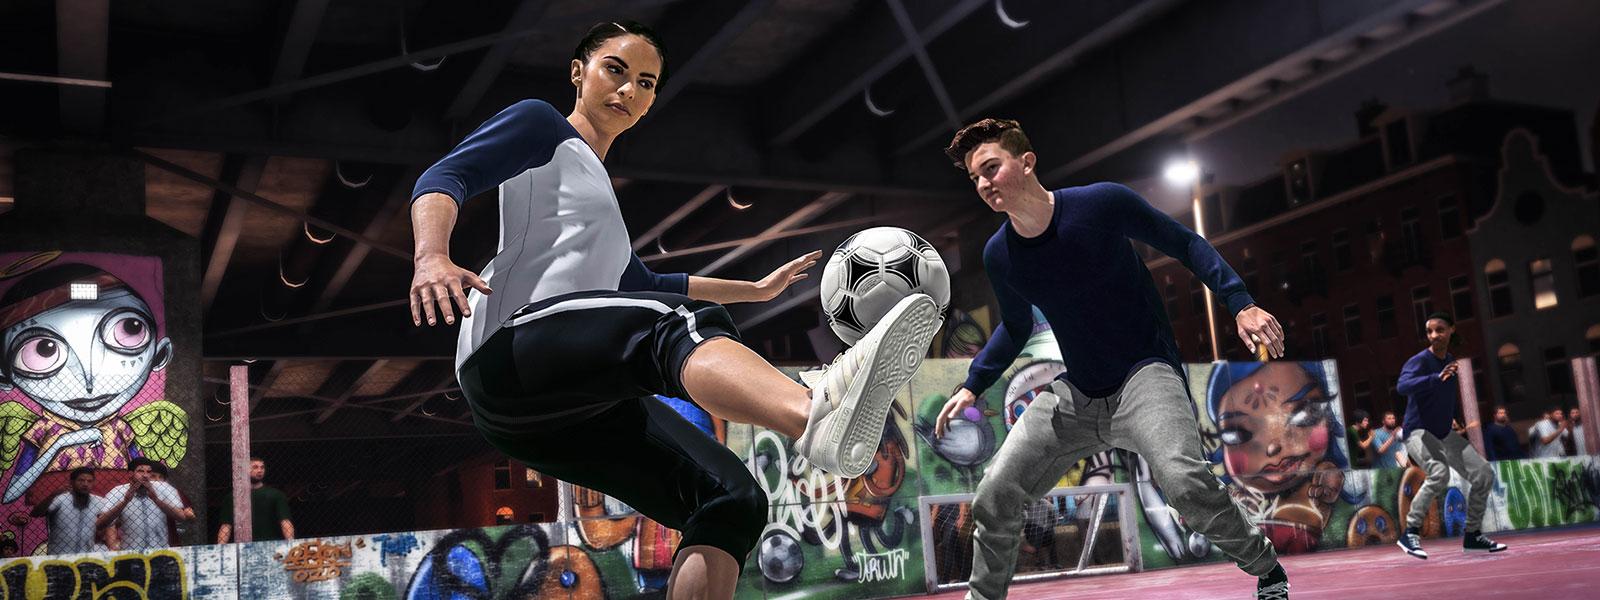 Deux personnages jouant au football de rue